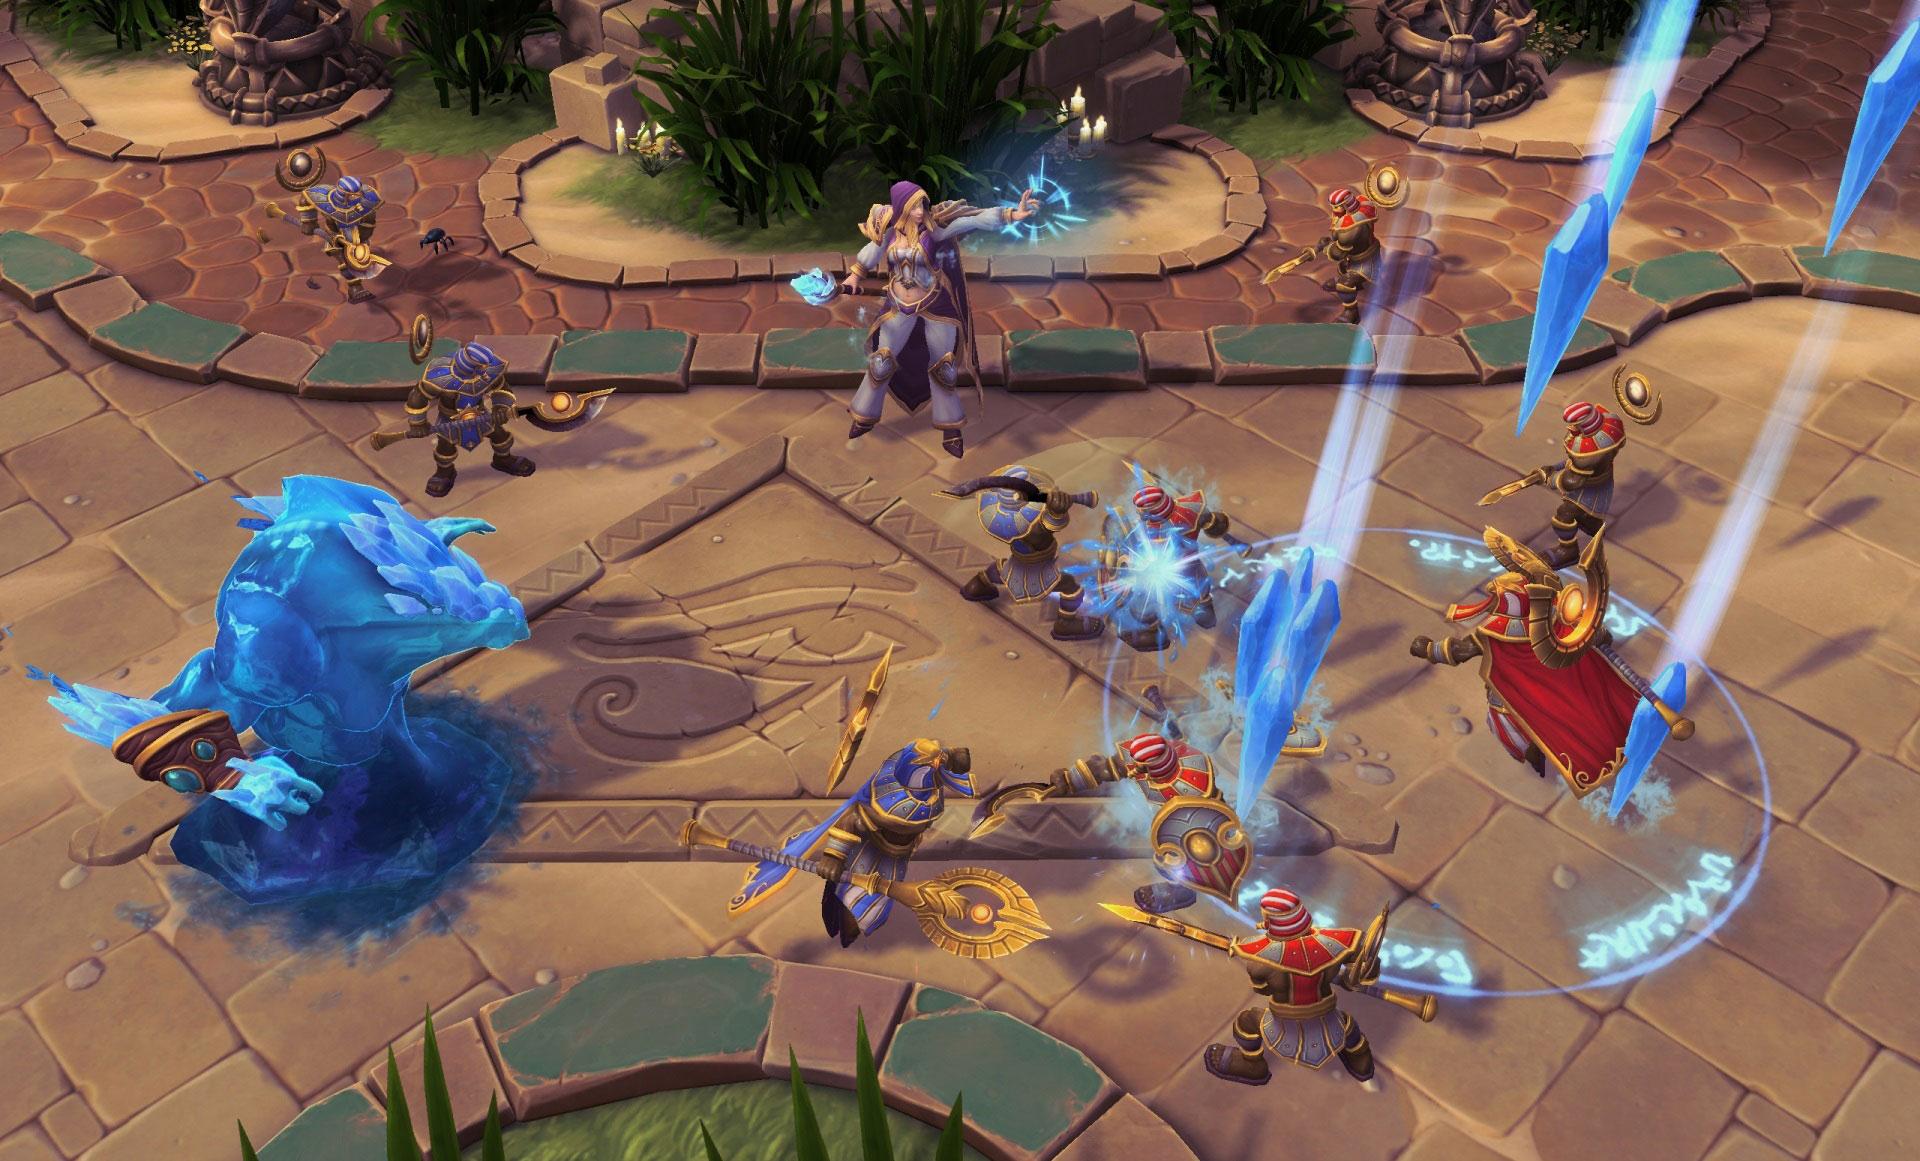 Screenshot de Jaina dans Heroes of the Storm.